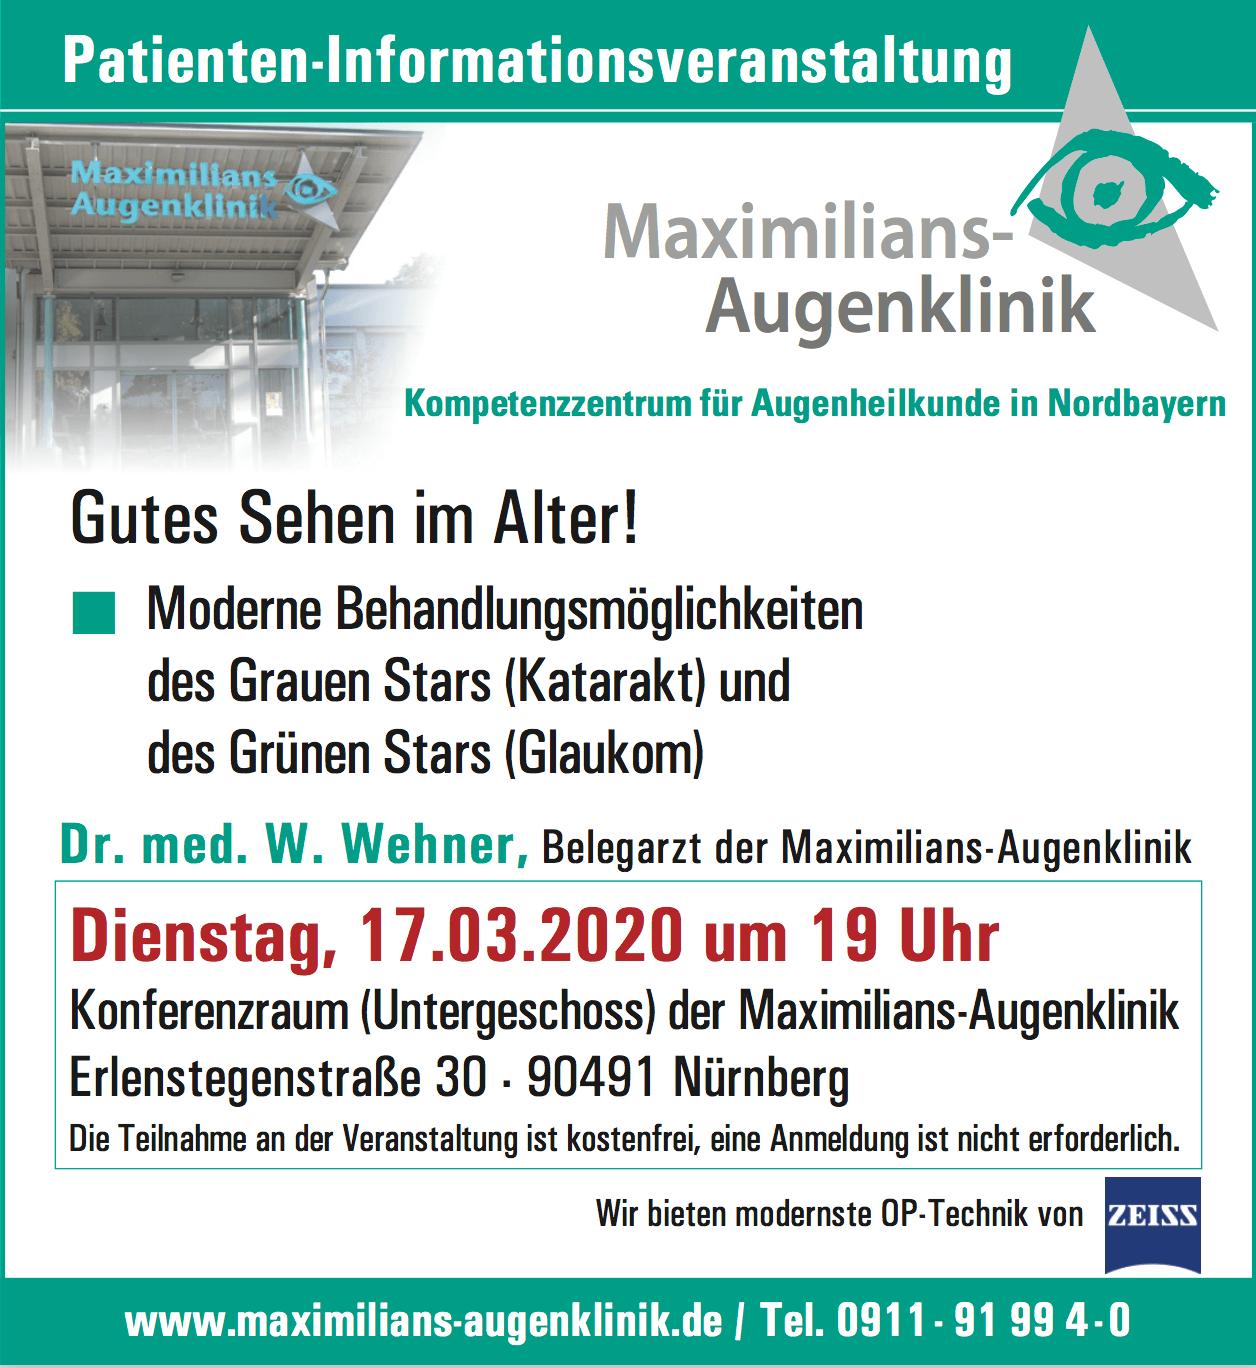 Patienten-Informationsveranstaltung: Grauer und Grüner Star